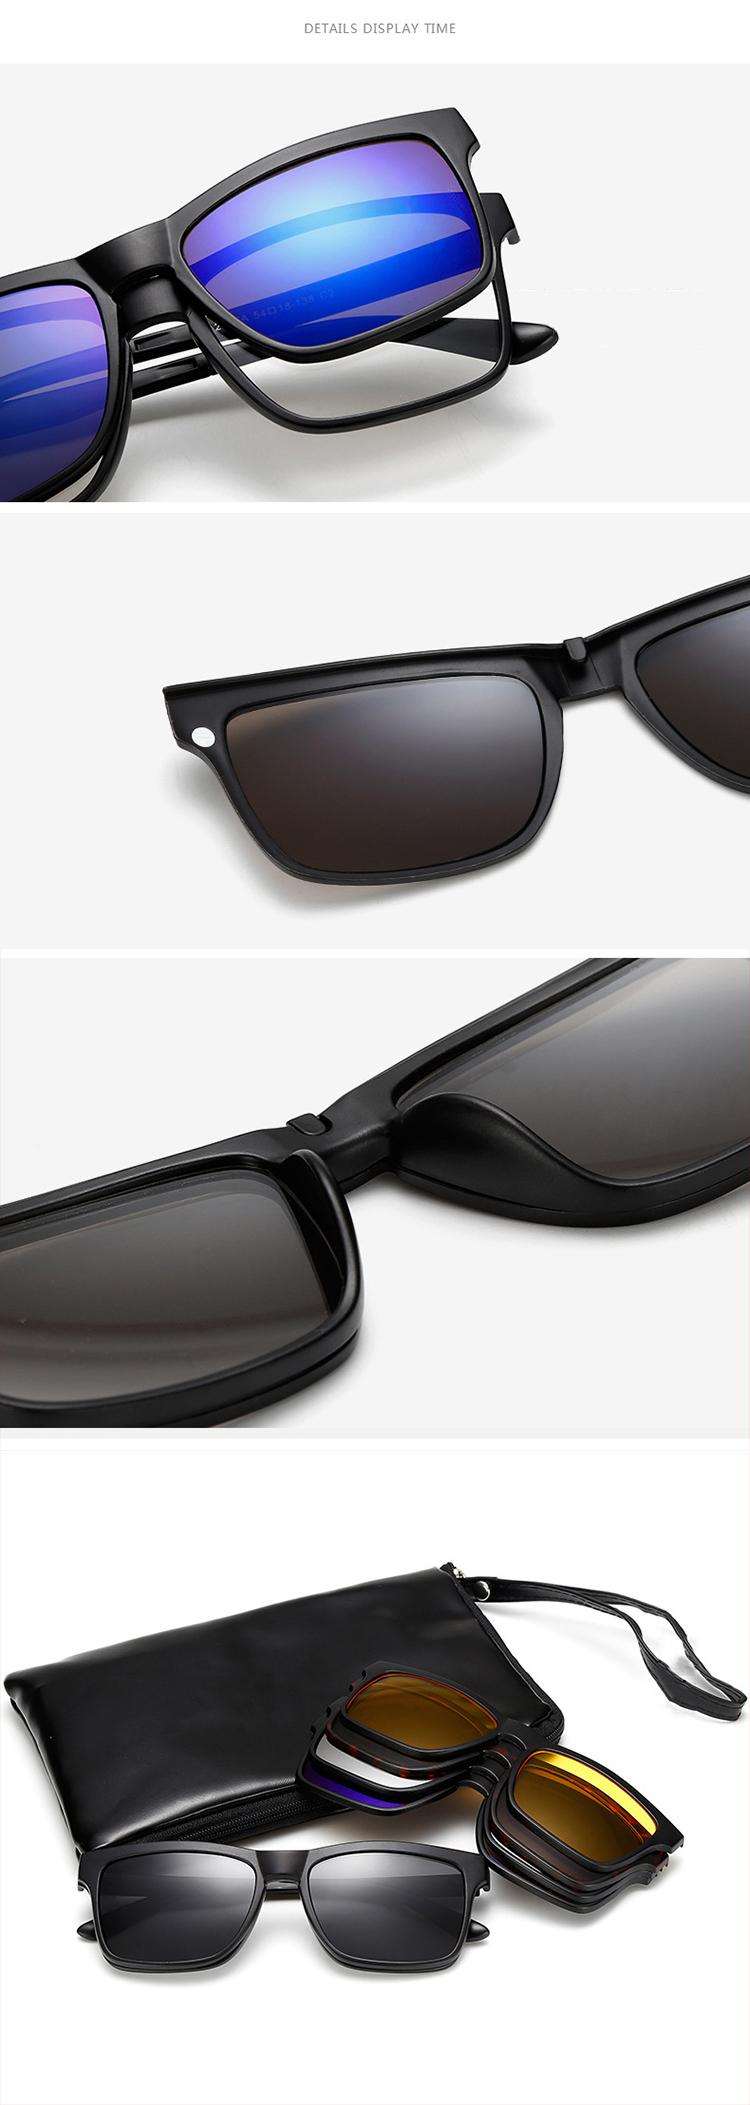 5 Clips Gafas De Conducción Nocturna Tr90 Magnético Fácil Reemplazar ...